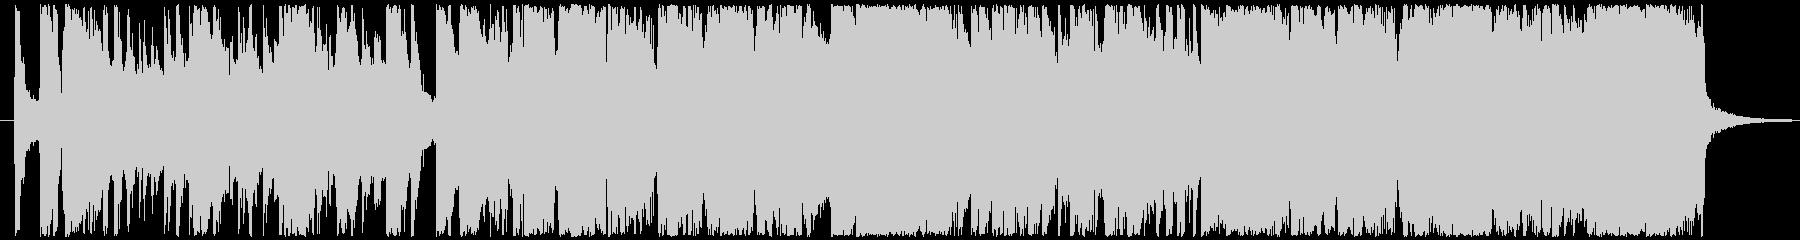 夜のビッグバンドジャズの未再生の波形